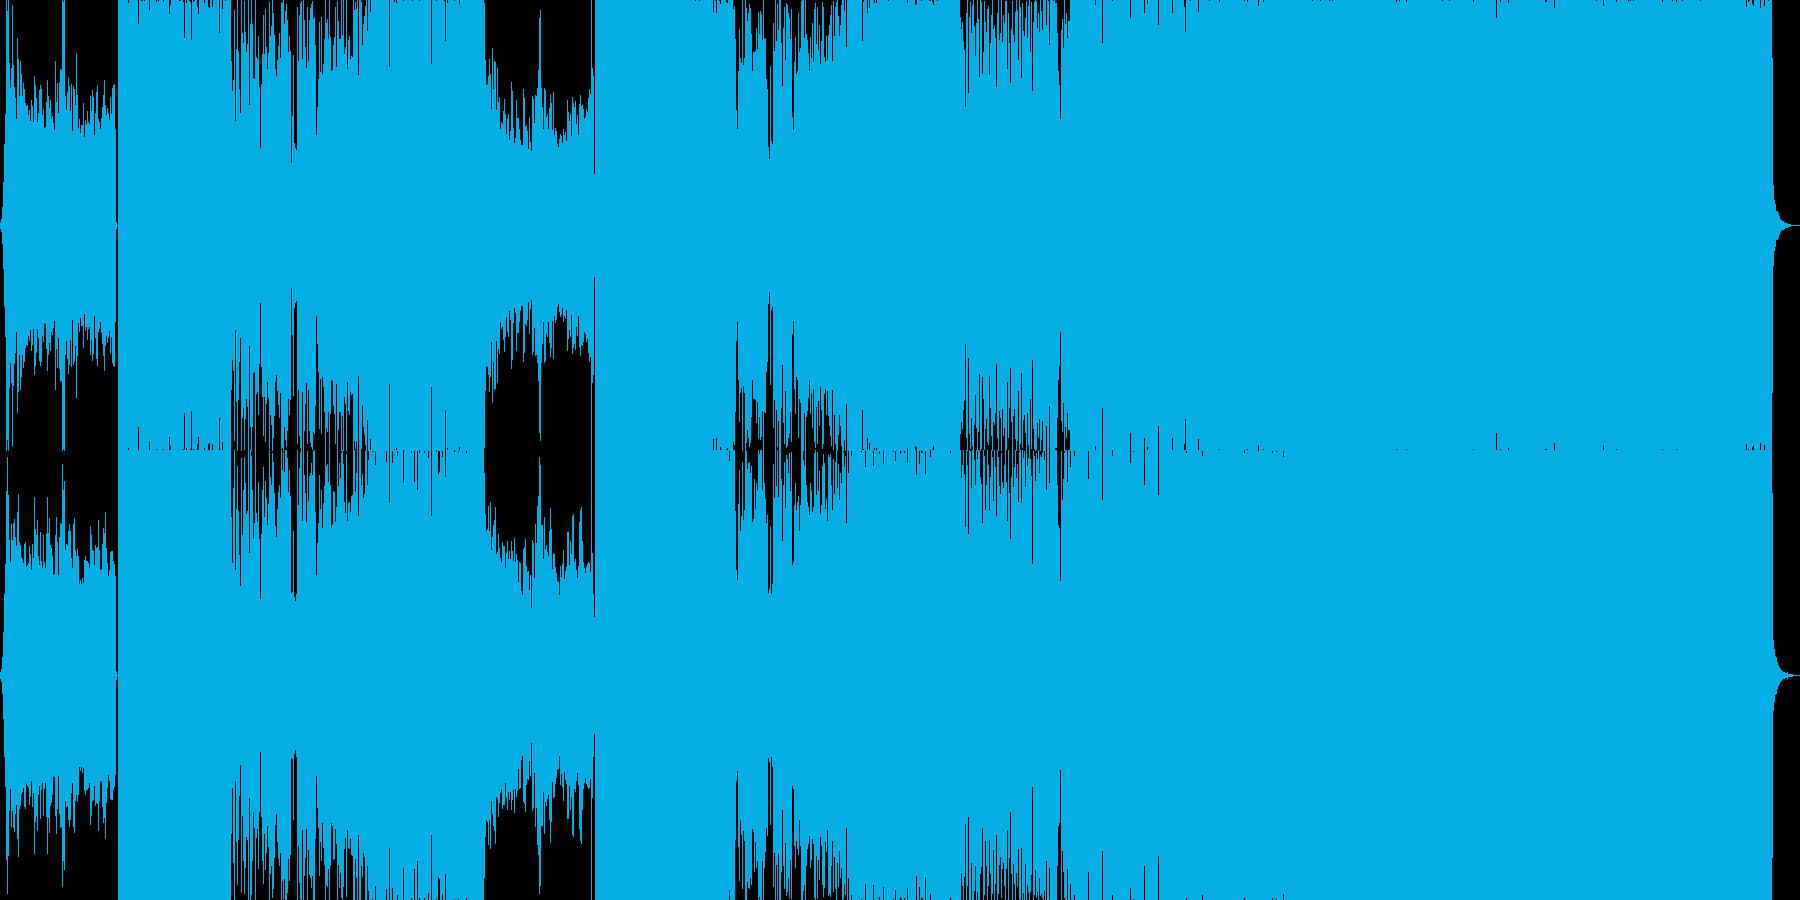 爽やかさMAX!ロックインストの再生済みの波形